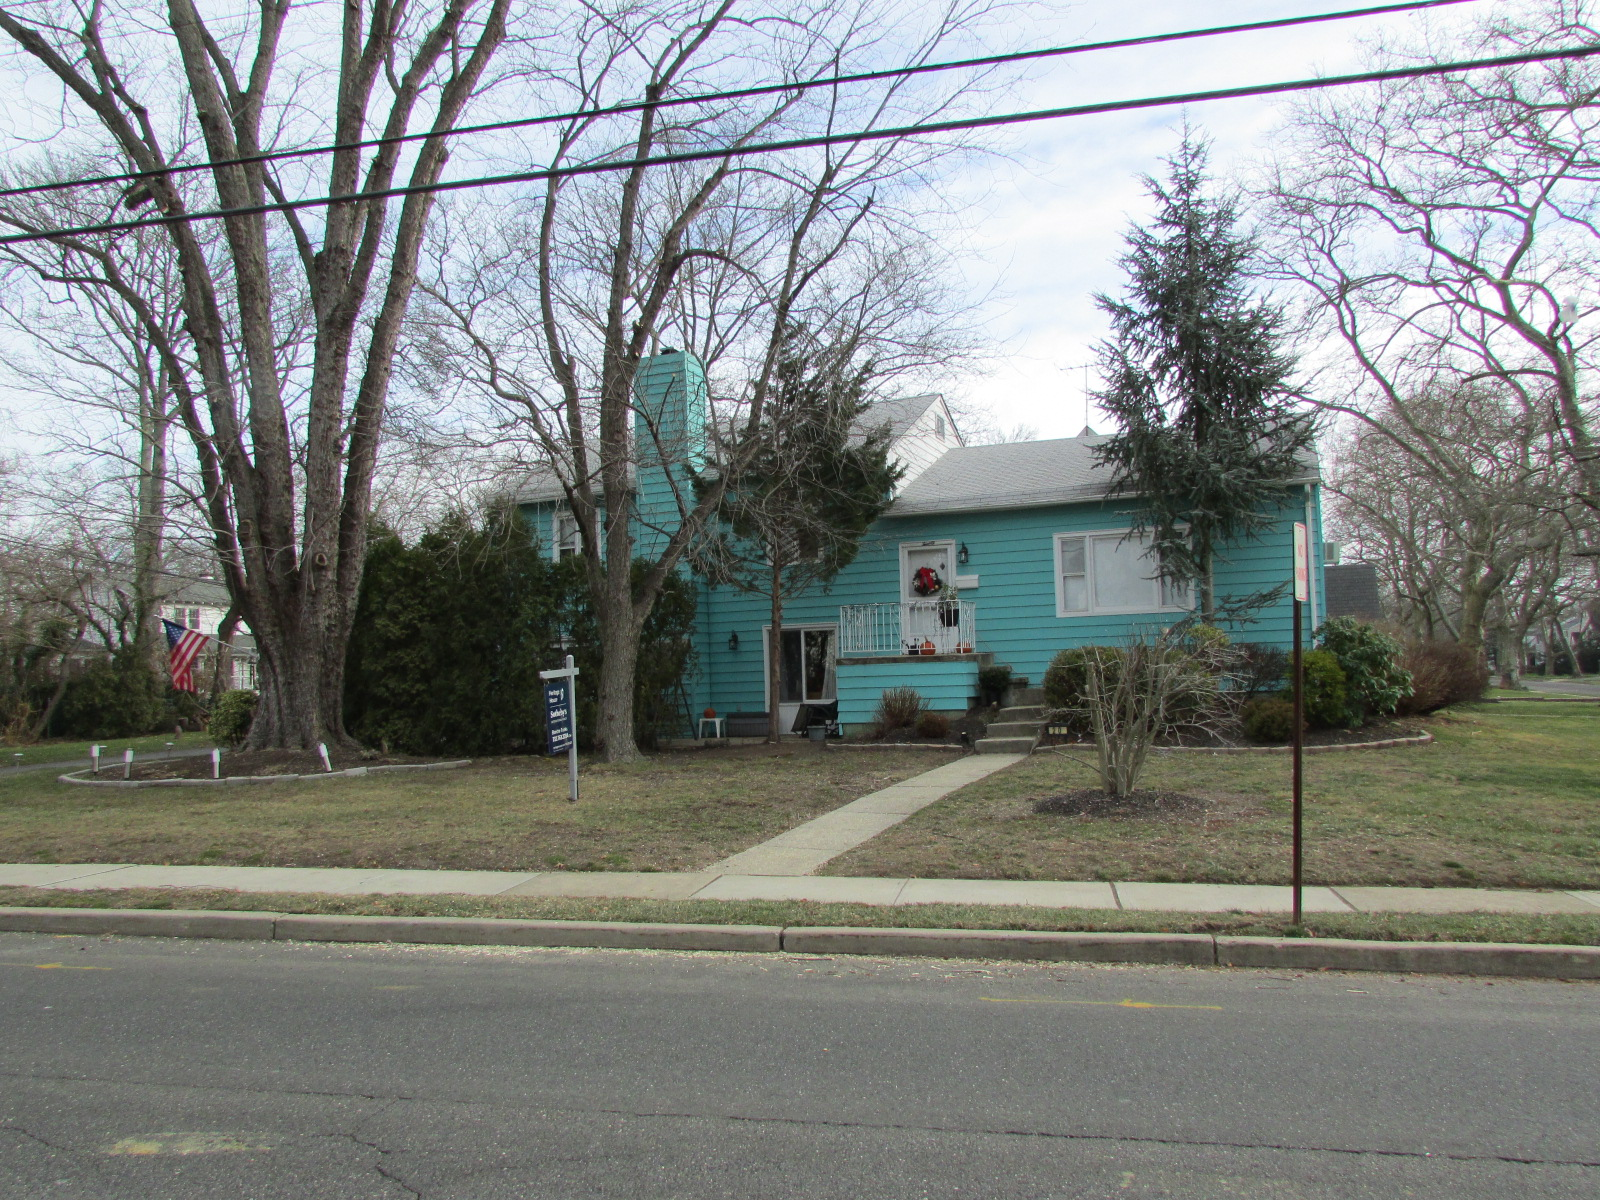 Maison unifamiliale pour l Vente à 20 Wickapecko 20 Wickapecko Dr. Interlaken, New Jersey 07712 États-Unis